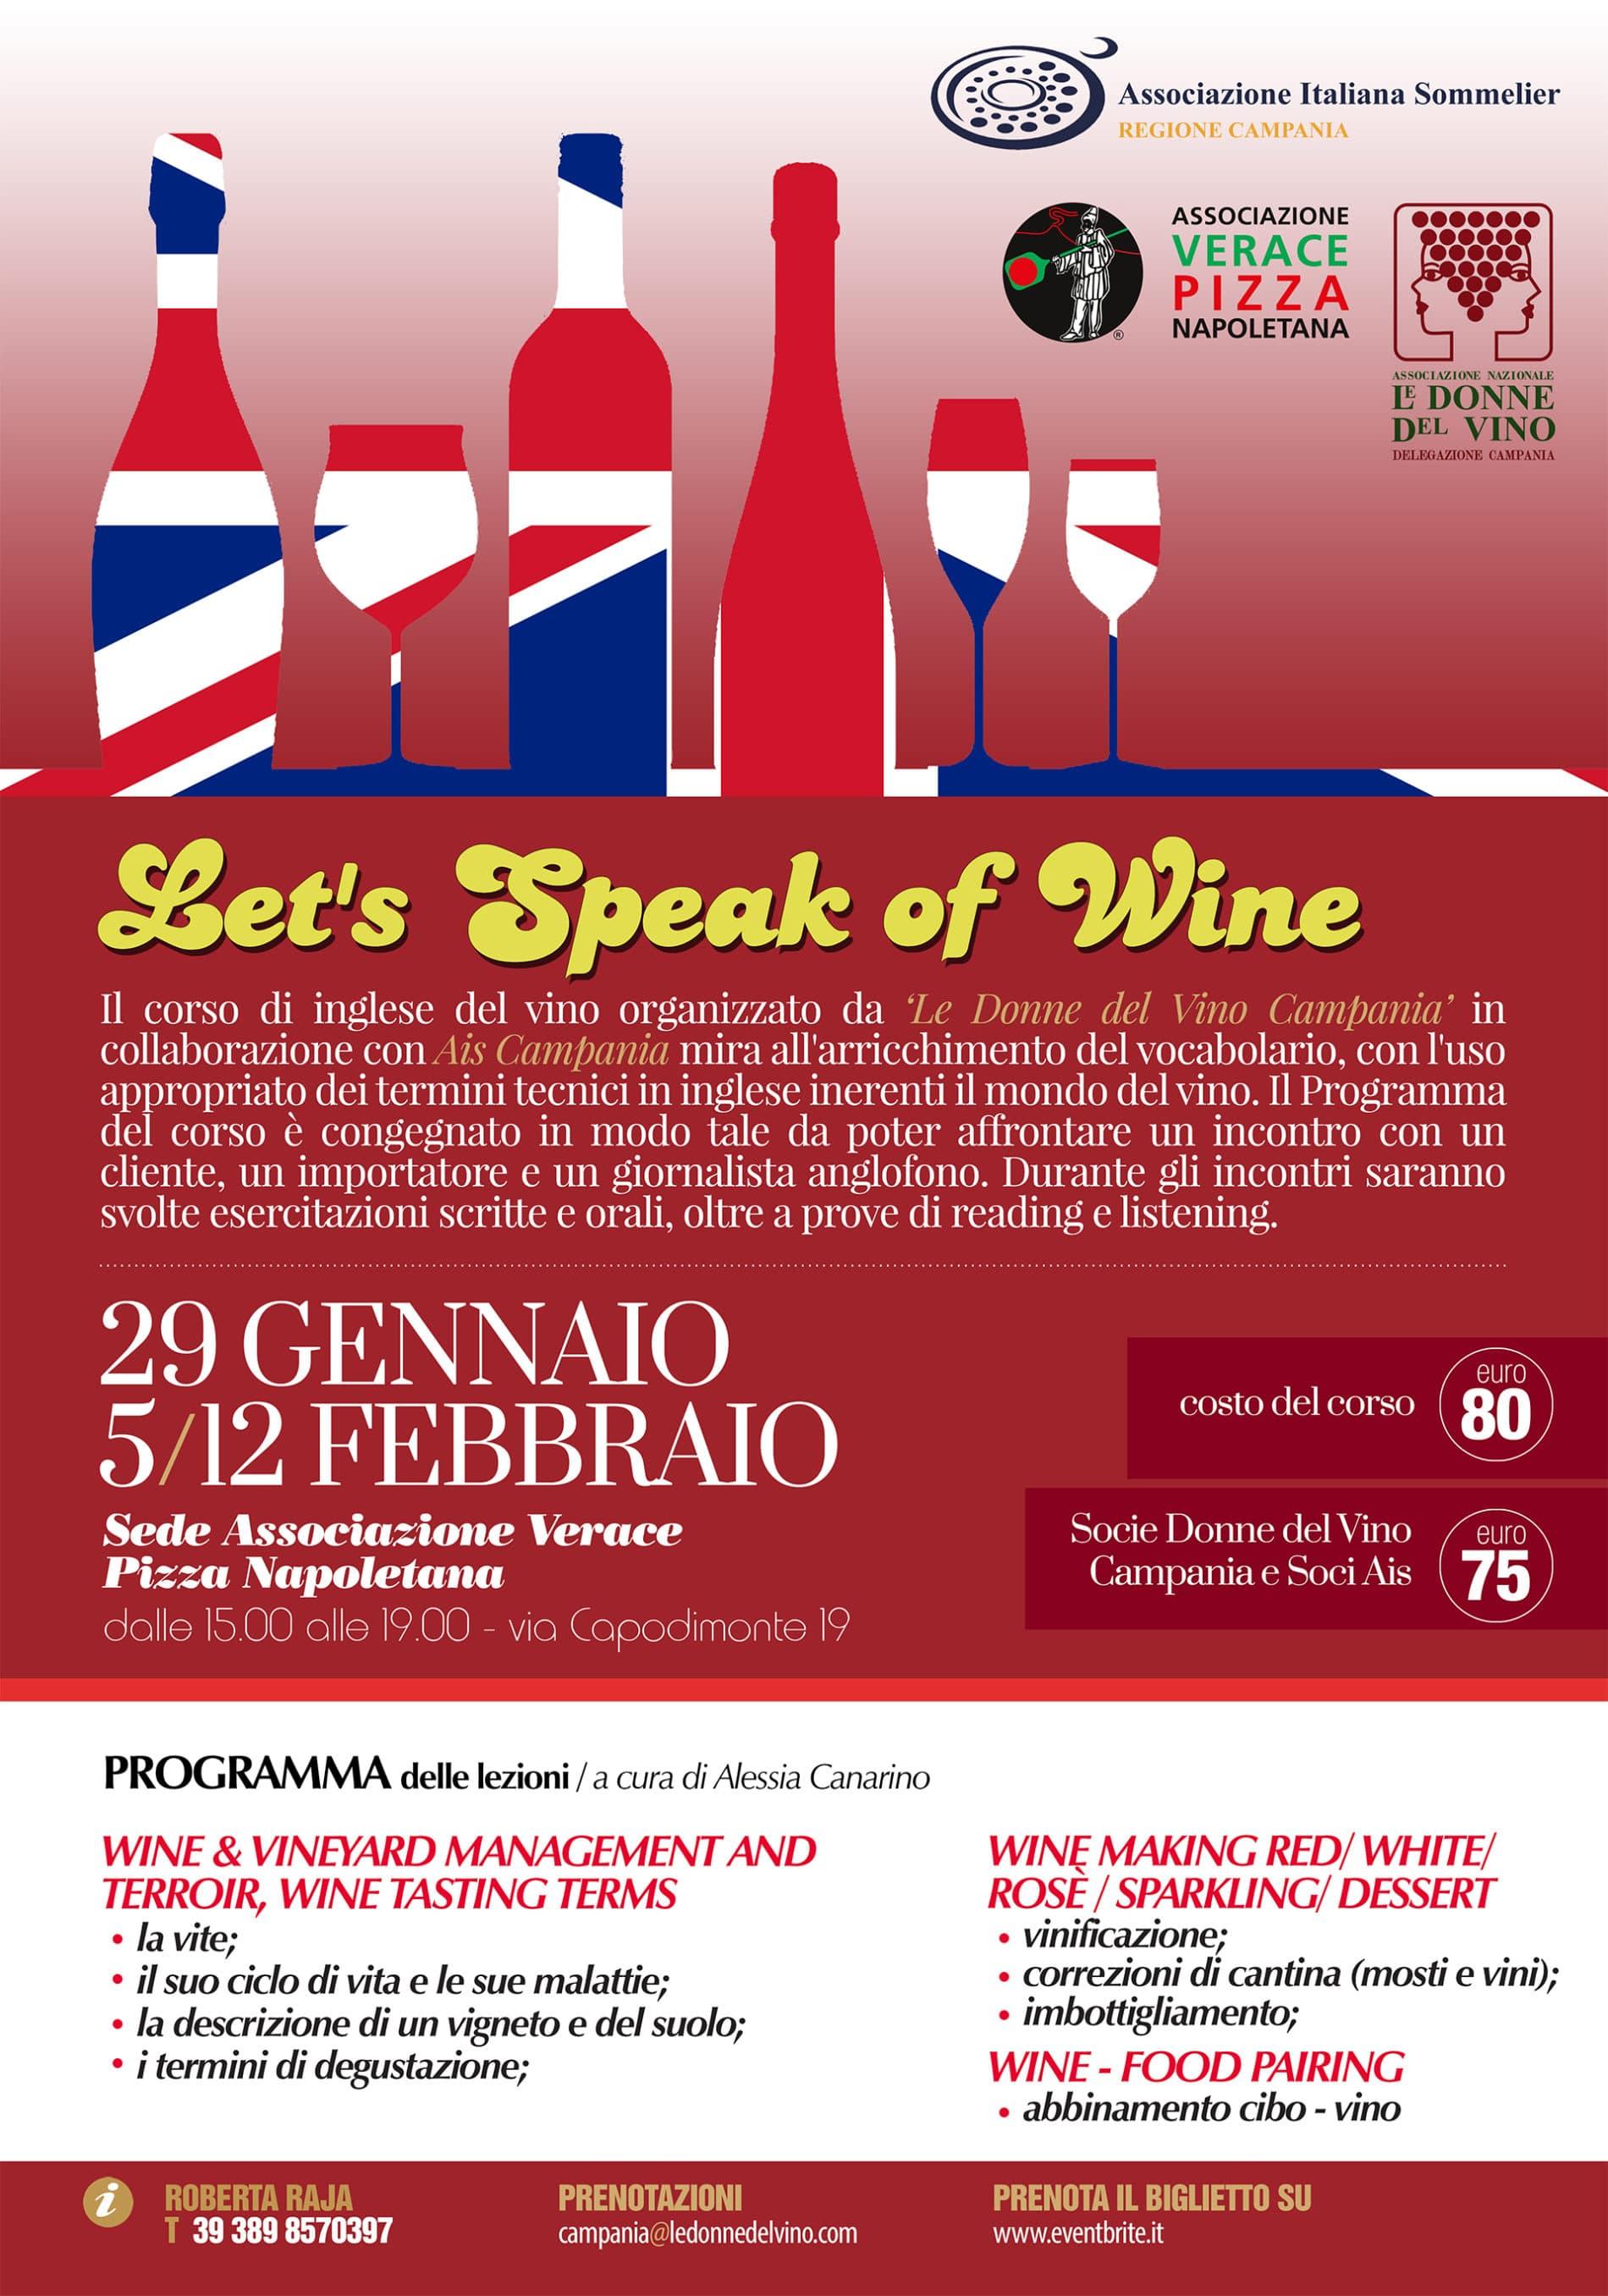 Inglese del vino: un corso in Campania